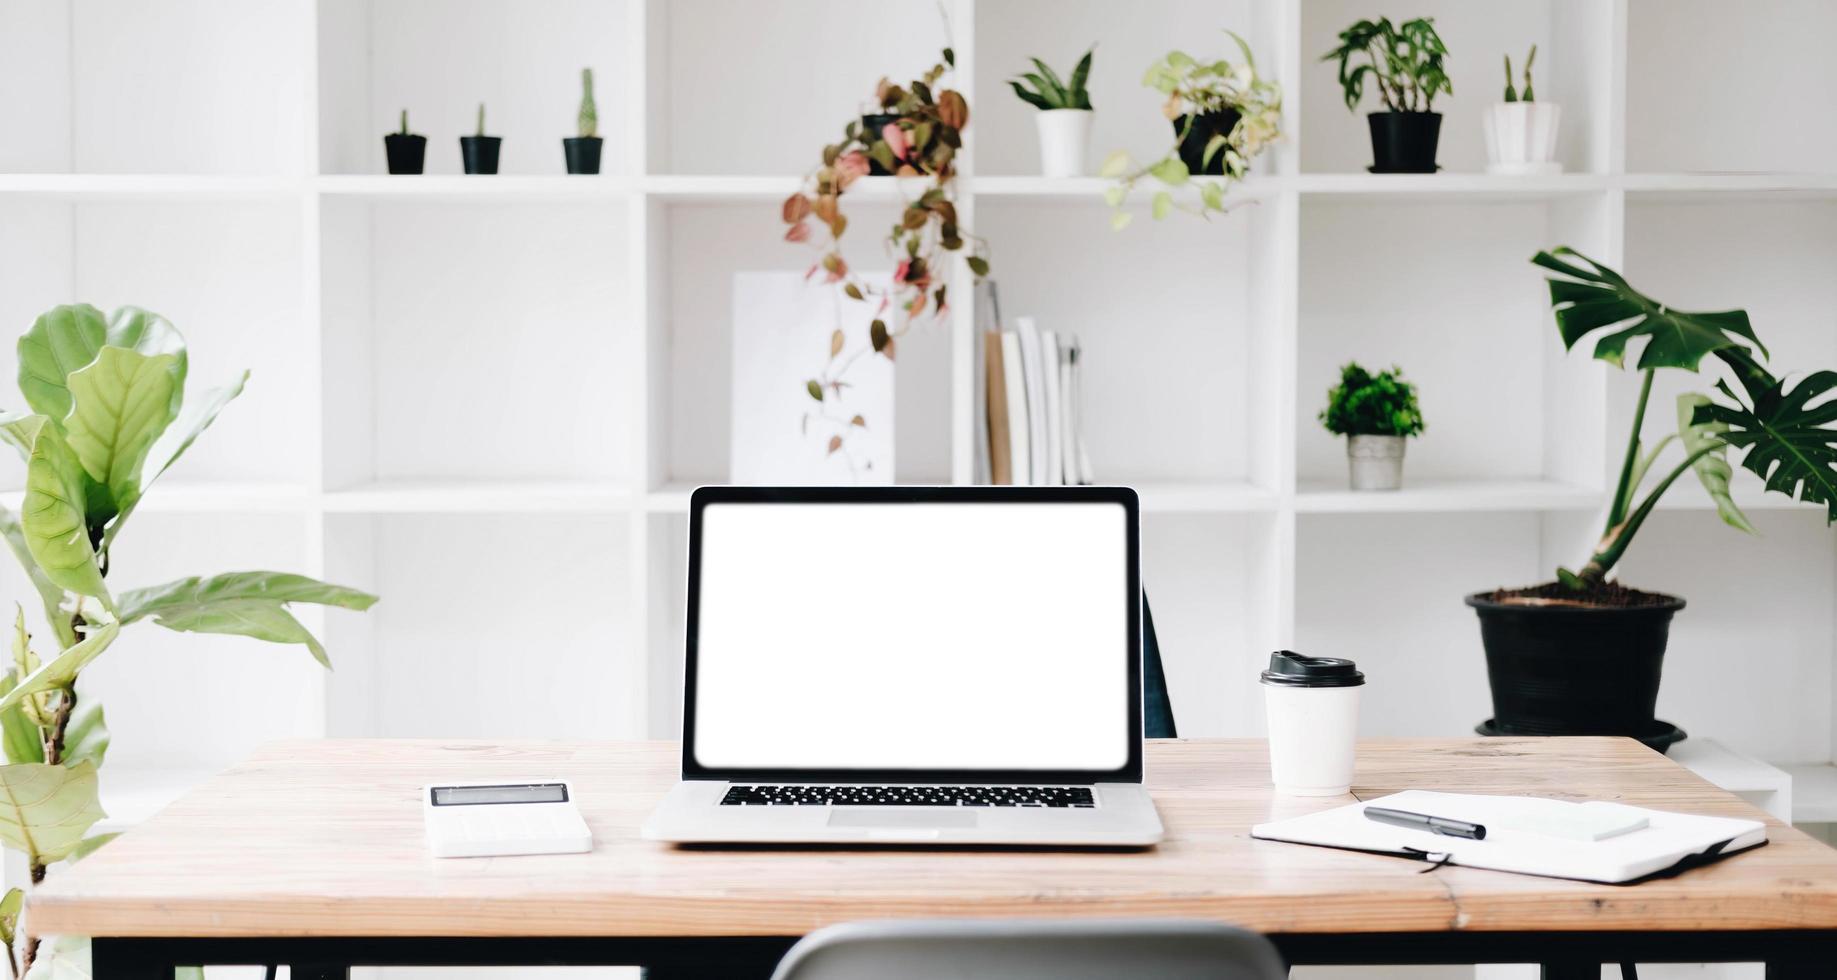 werkplek mockup-concept. mock up moderne home decor desktop computer met vintage boeken, kamerplant. kunstenaar werkruimte met kopieerruimte voor producten weergave montage.mockup desktop. foto